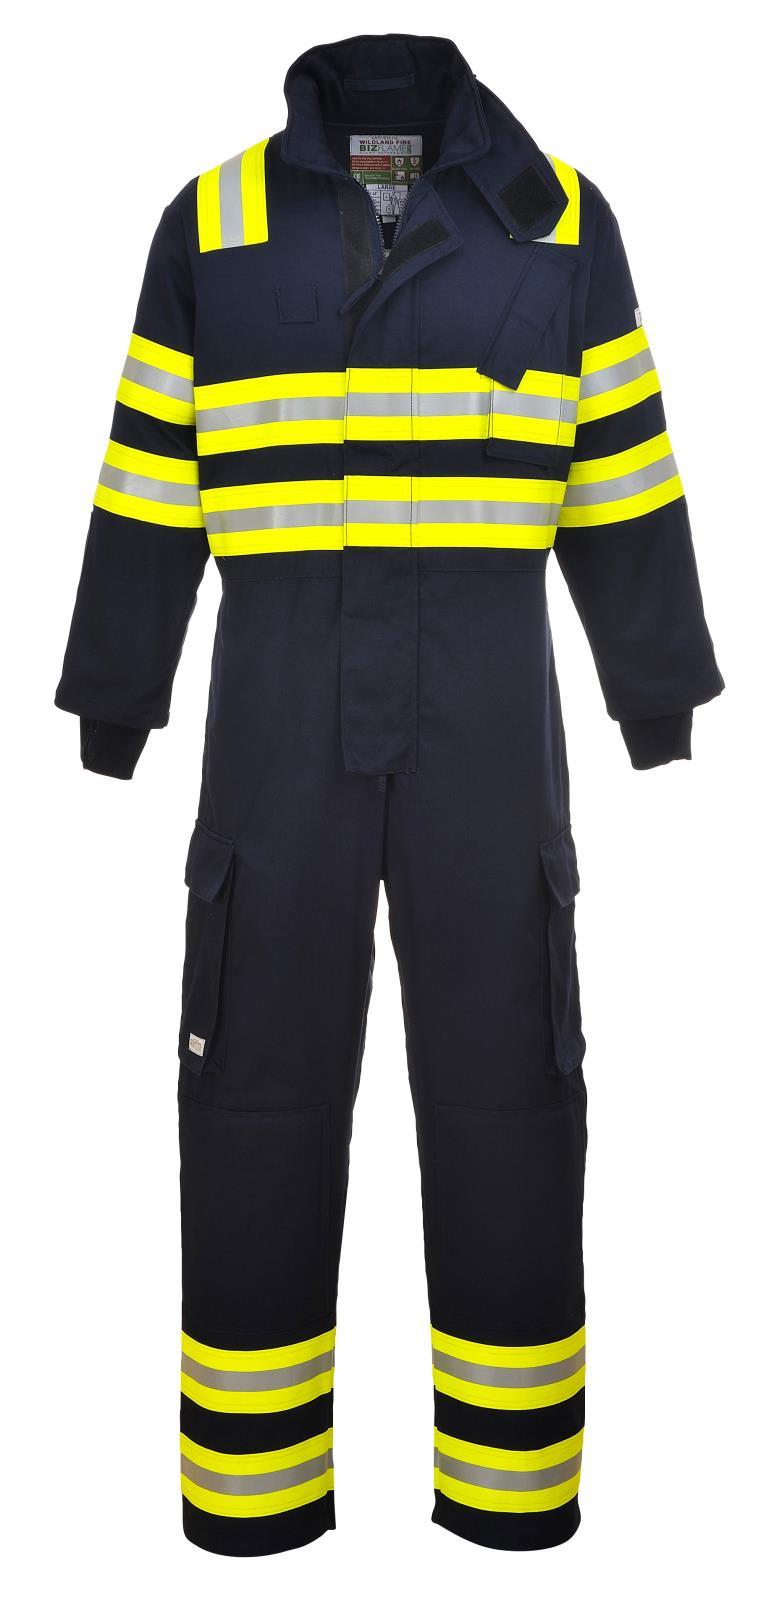 Abbigliamento AntincendioCapi Da AntincendioCapi Lavoro Personalizzabili Abbigliamento Da Personalizzabili Lavoro Abbigliamento Da AntincendioCapi mbfgyI76Yv